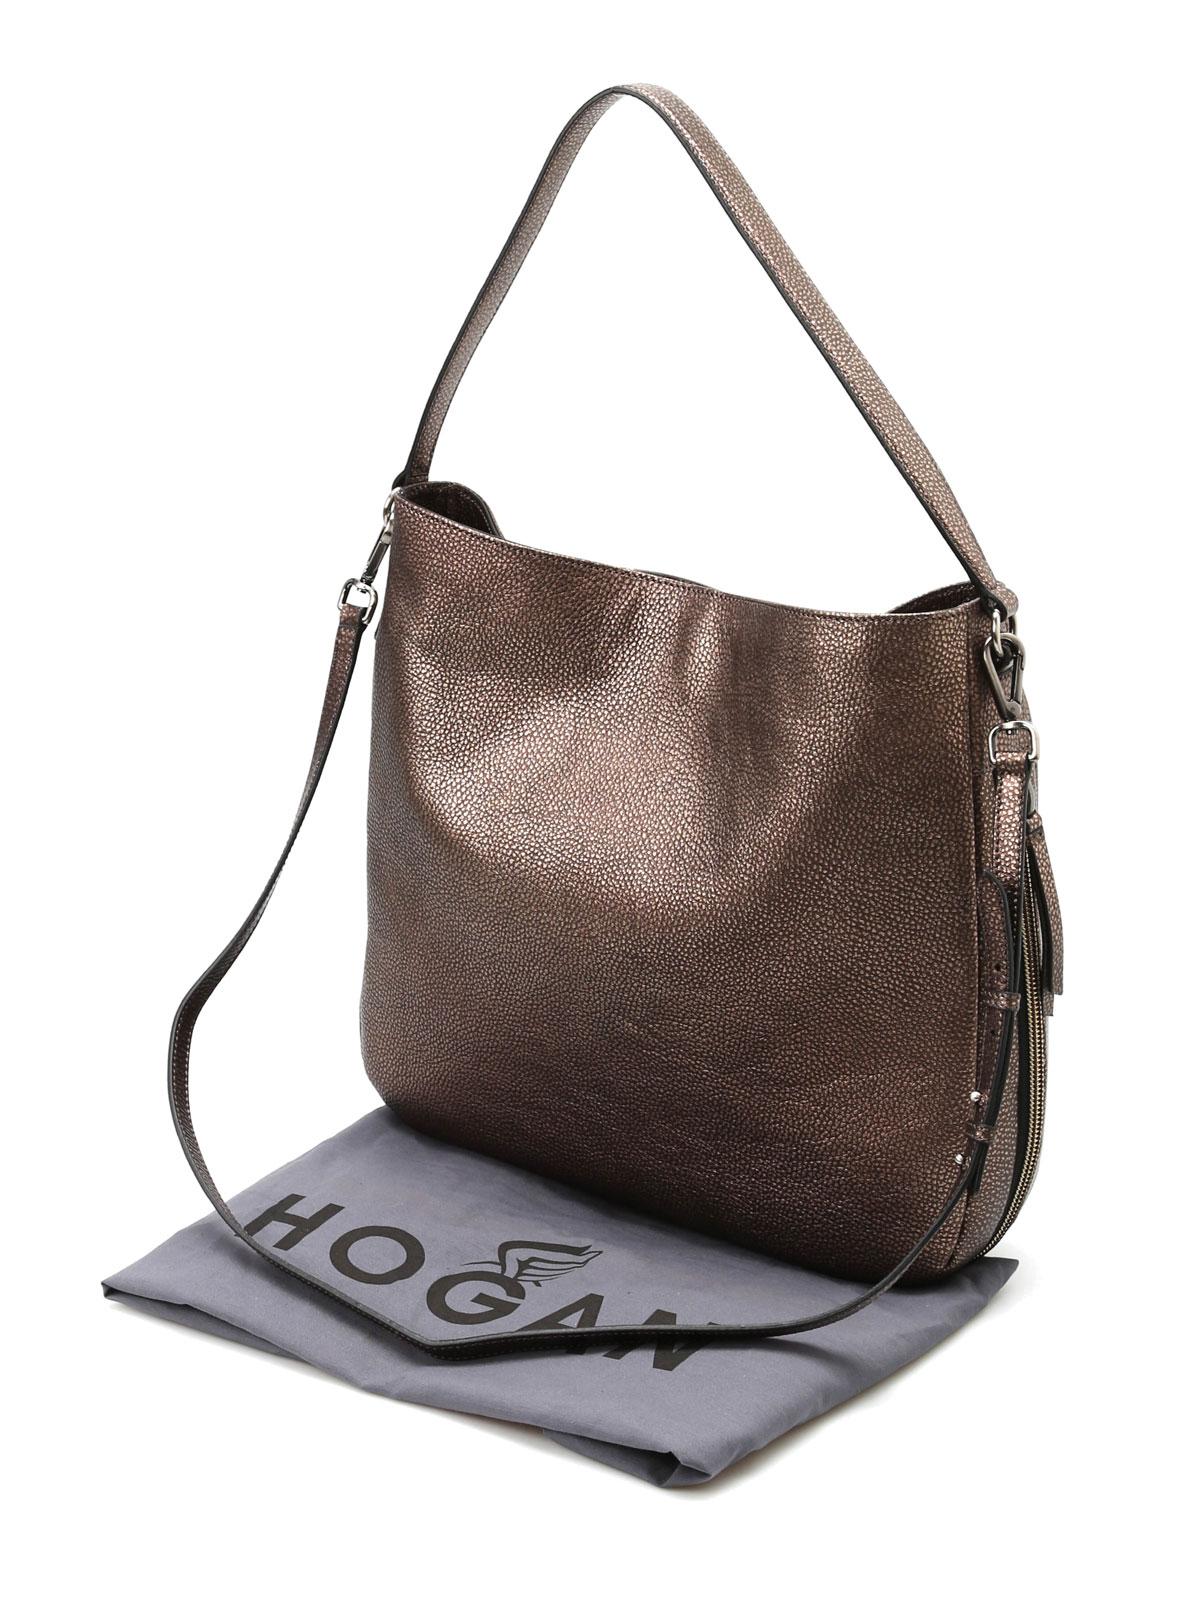 Shoulder bags Hogan - Hammered leather hobo bag - KBW00RE0300DUTC407